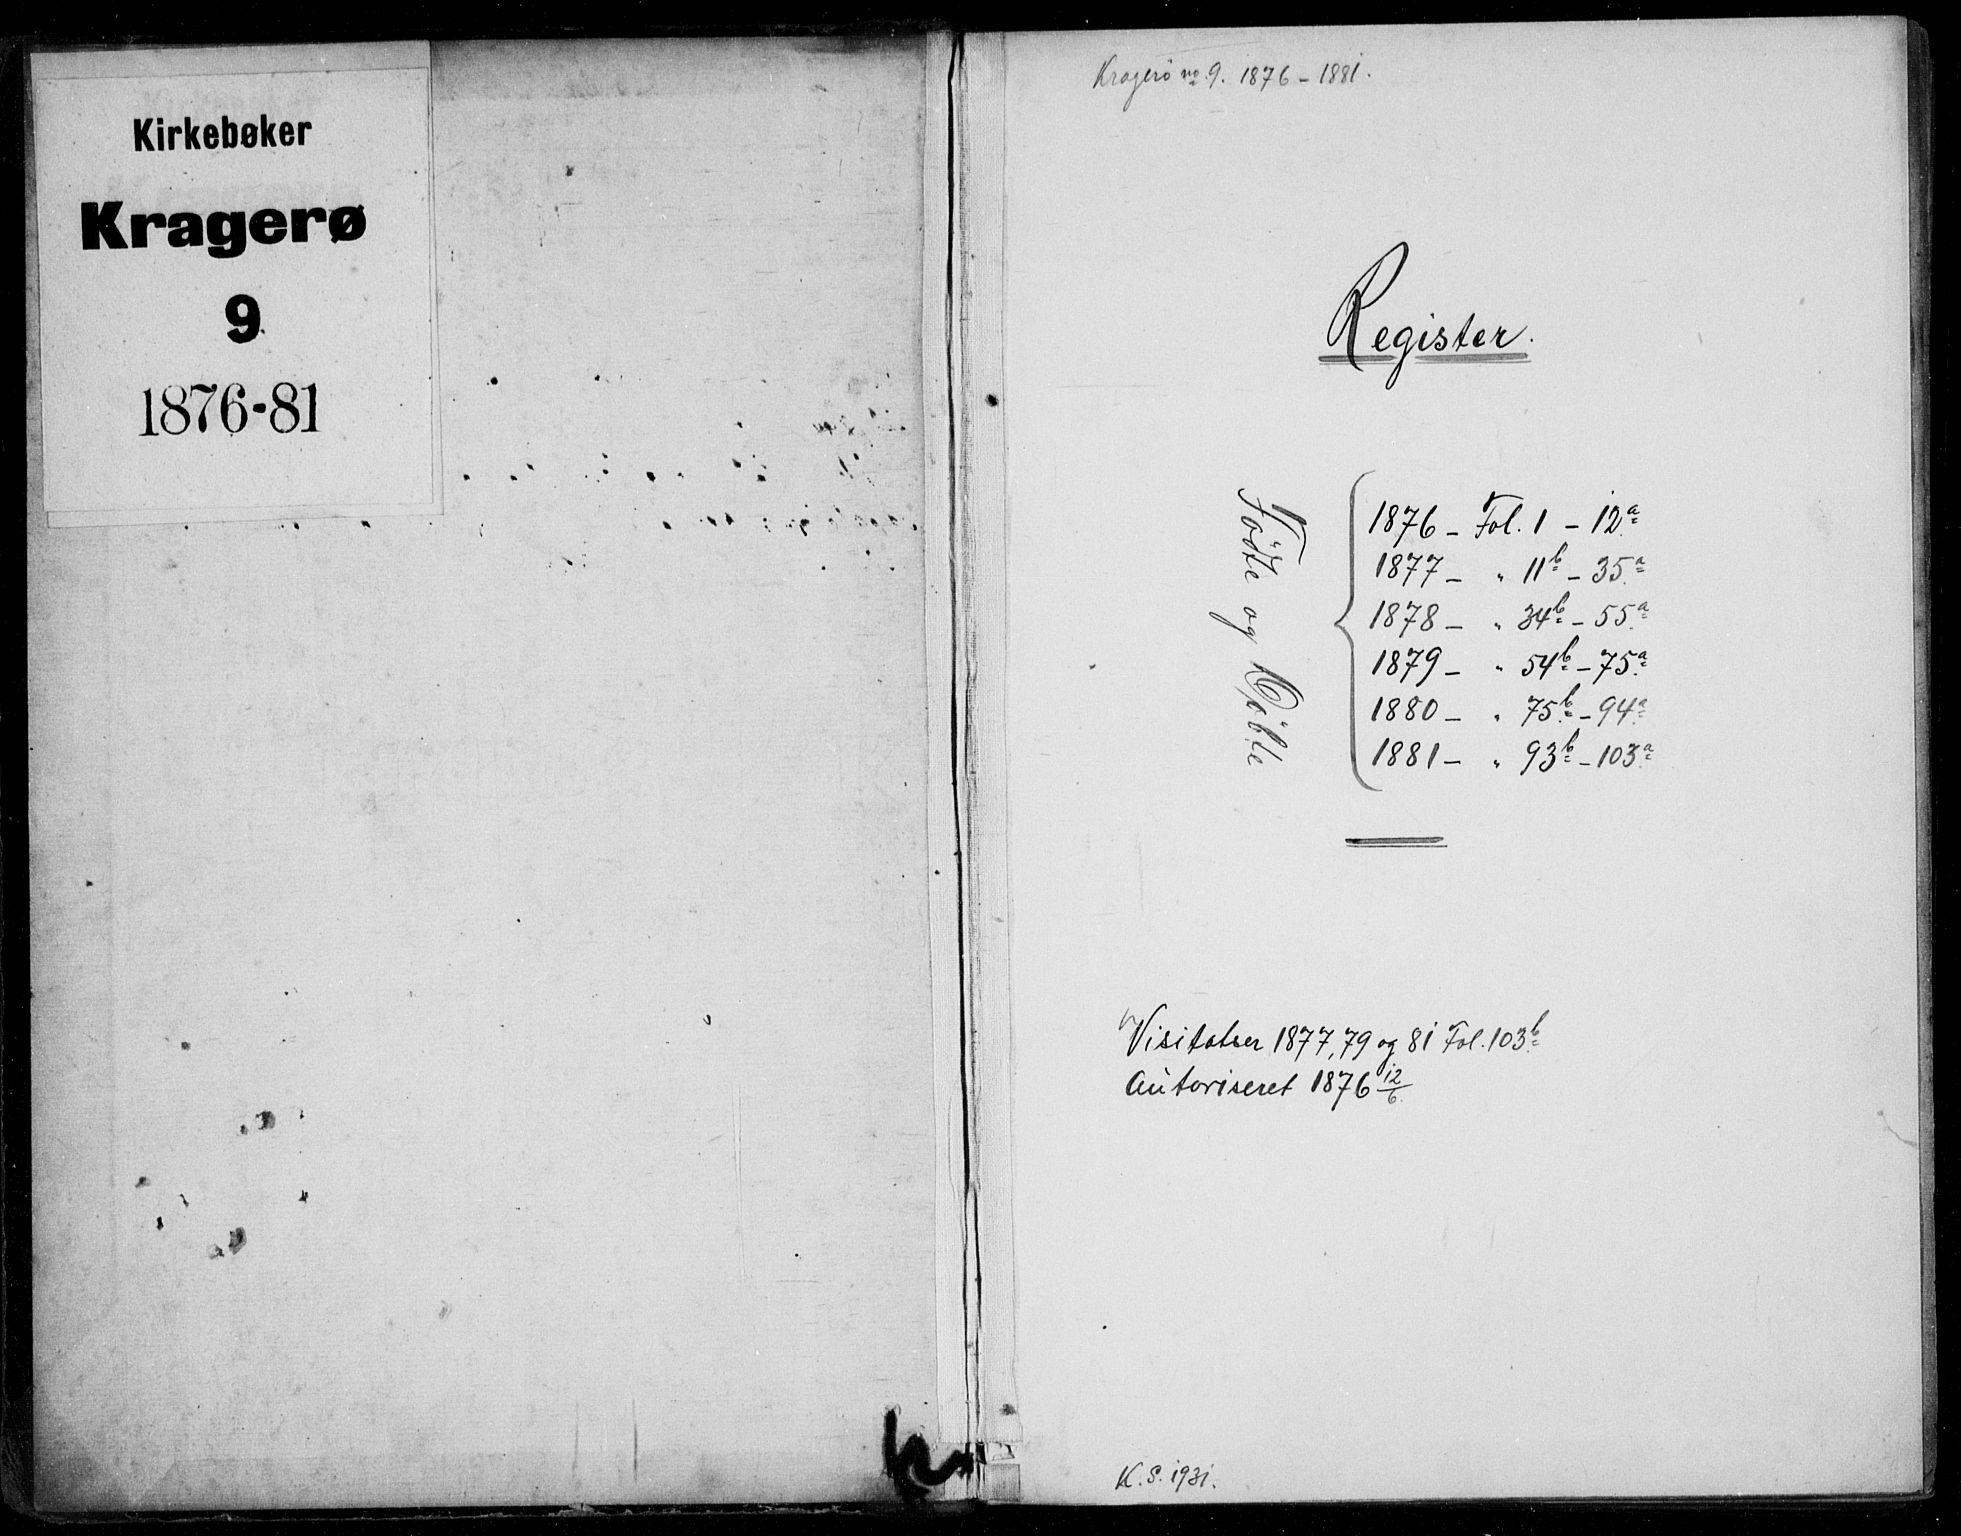 SAKO, Kragerø kirkebøker, G/Ga/L0006: Klokkerbok nr. 6, 1876-1881